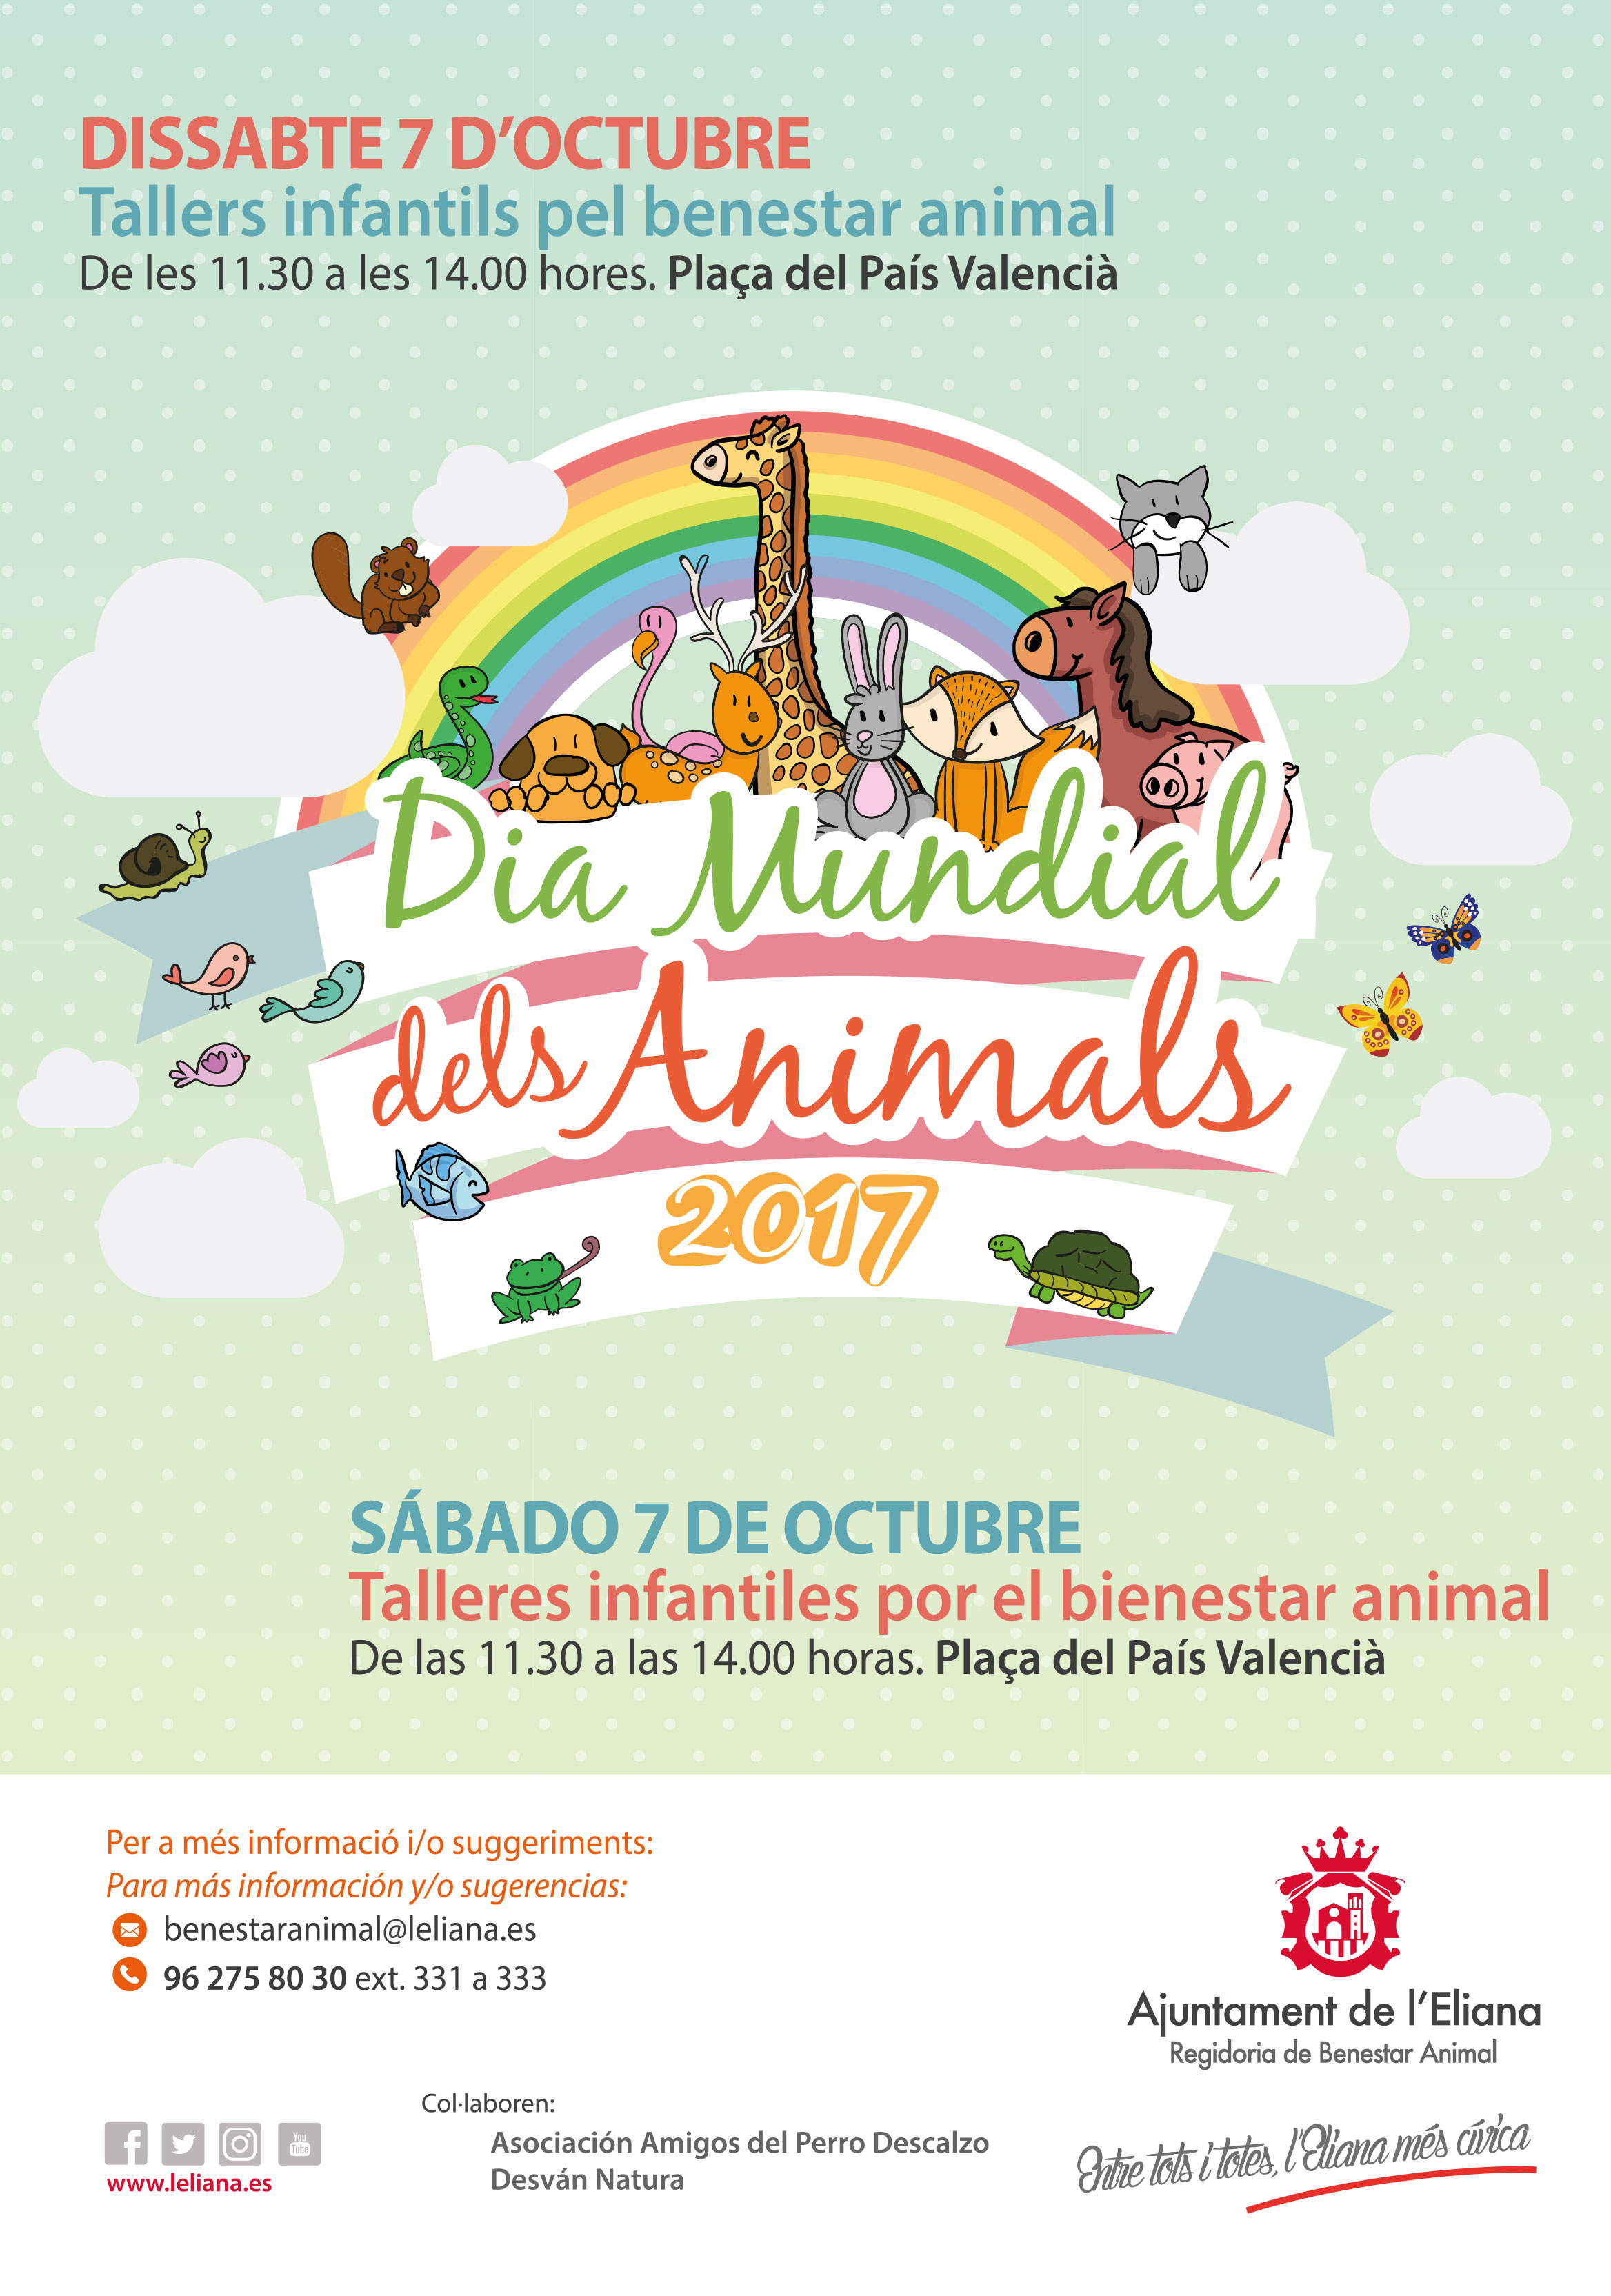 Des de l'Ajuntament de l'Eliana, al costat de la regidoria de Benestar Animal, es commemora en aquest dia la vida animal en totes les seues formes.